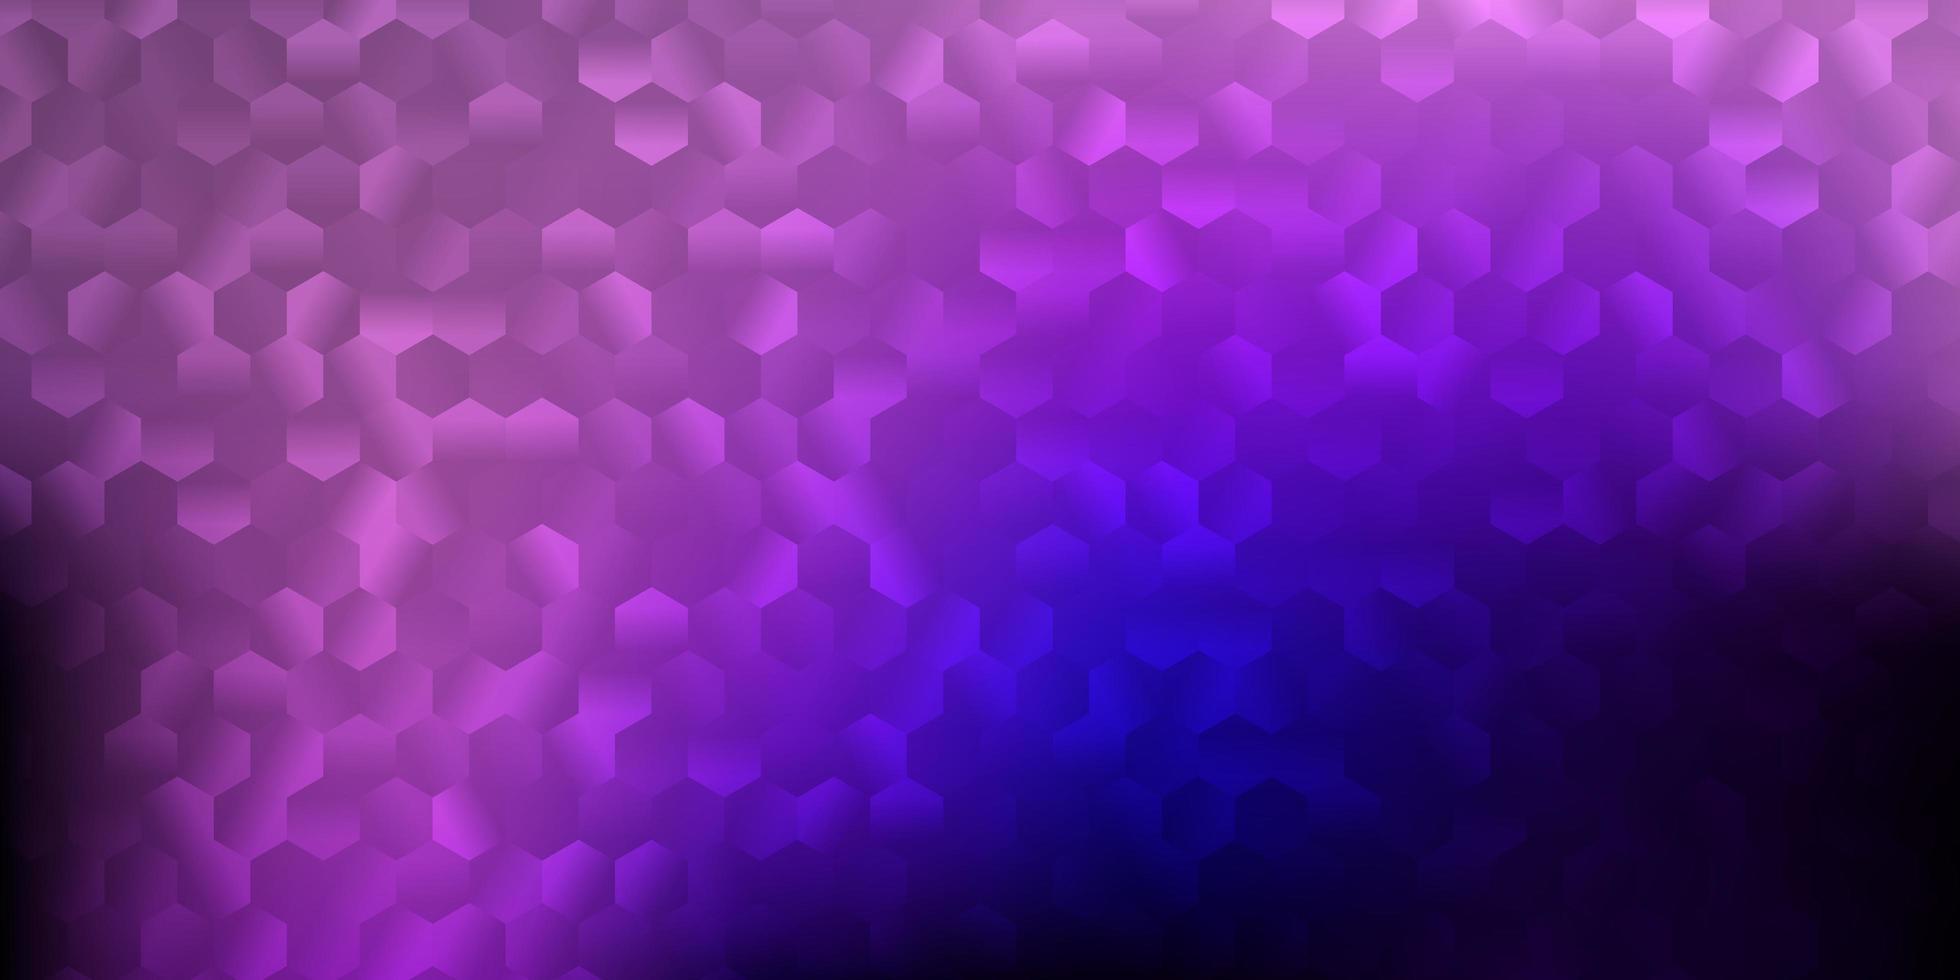 textura vector roxo escuro, rosa com formas de memphis.